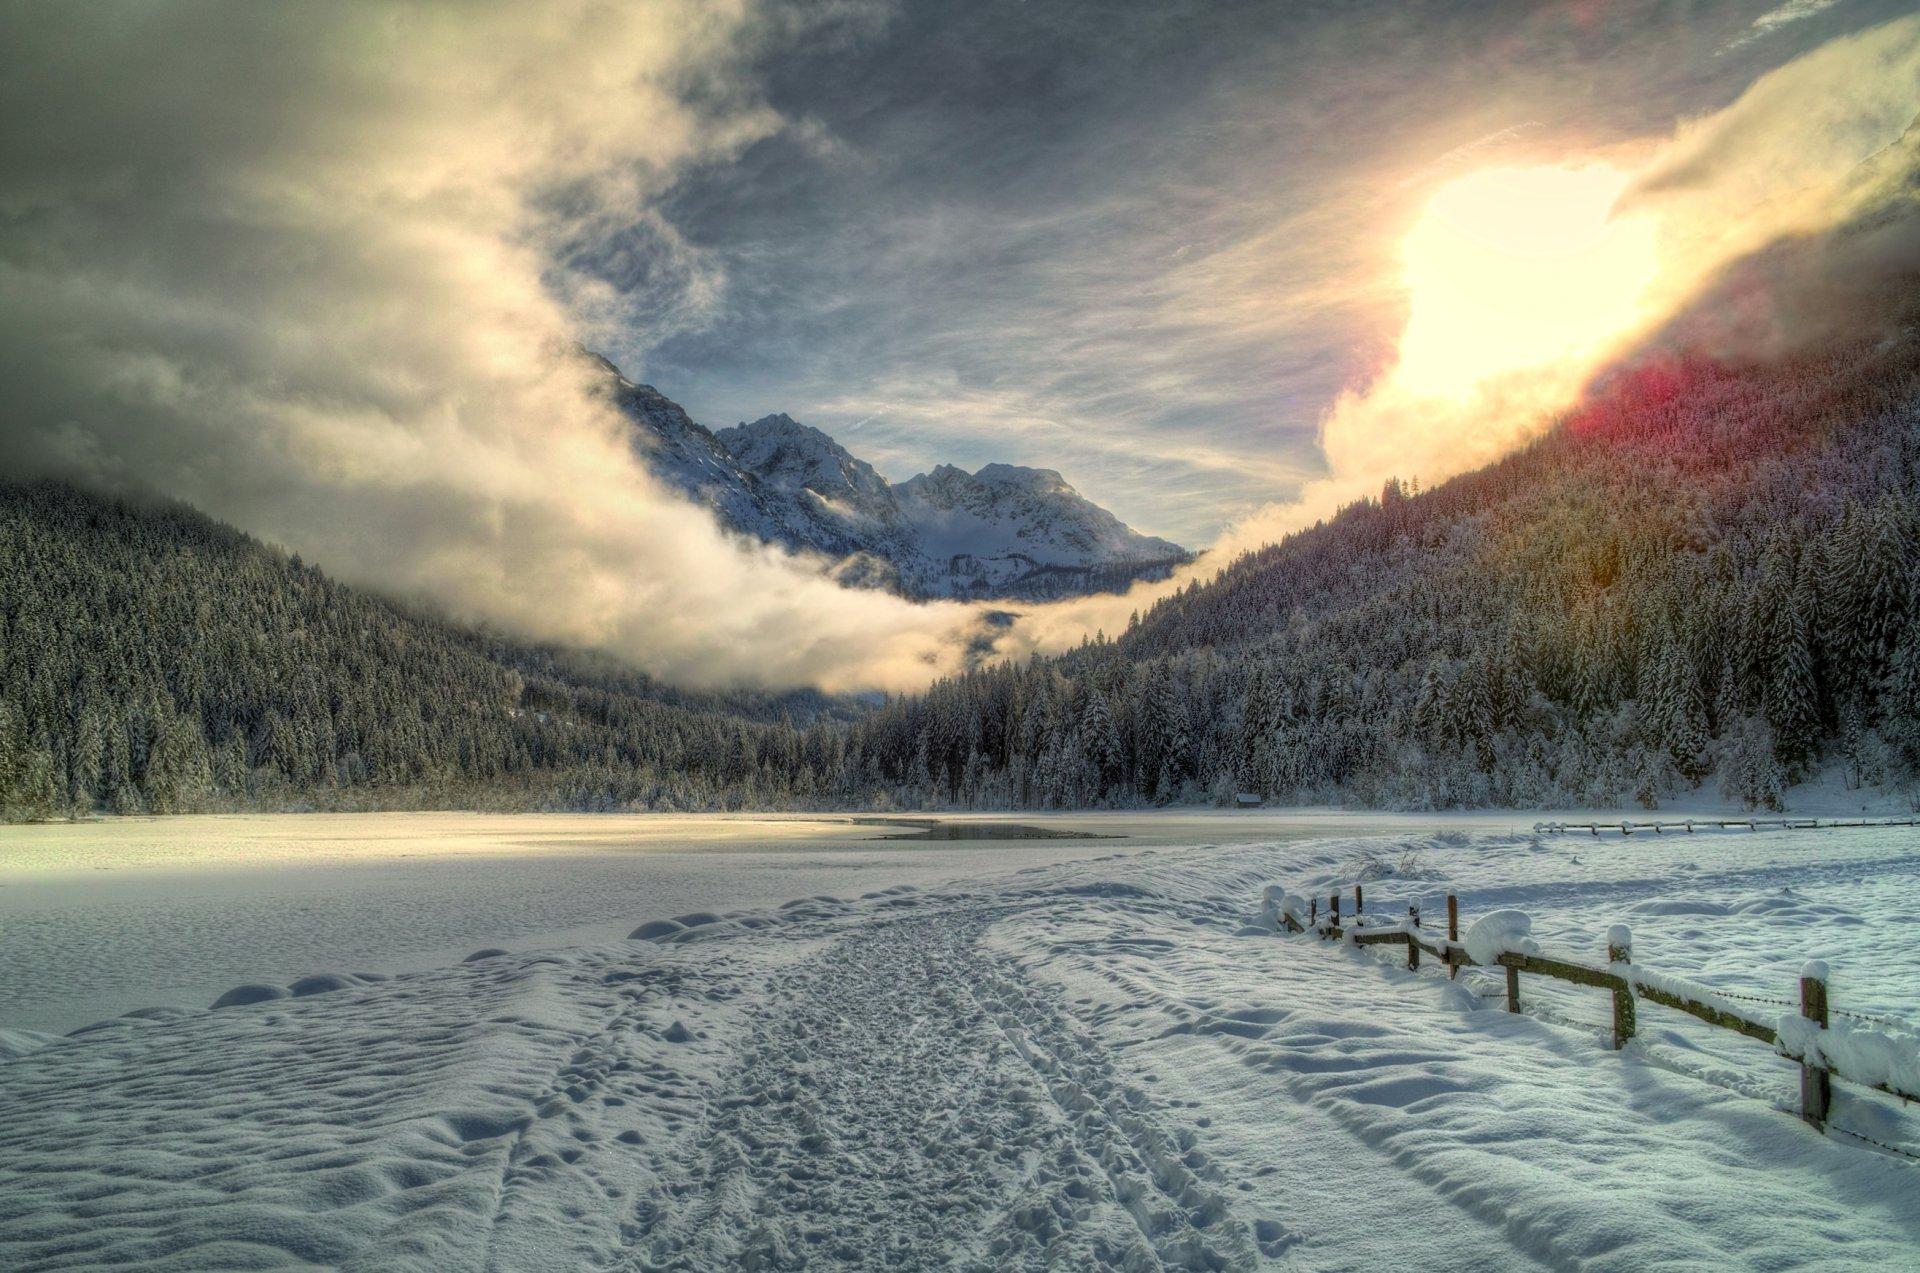 горы лето снег бесплатно